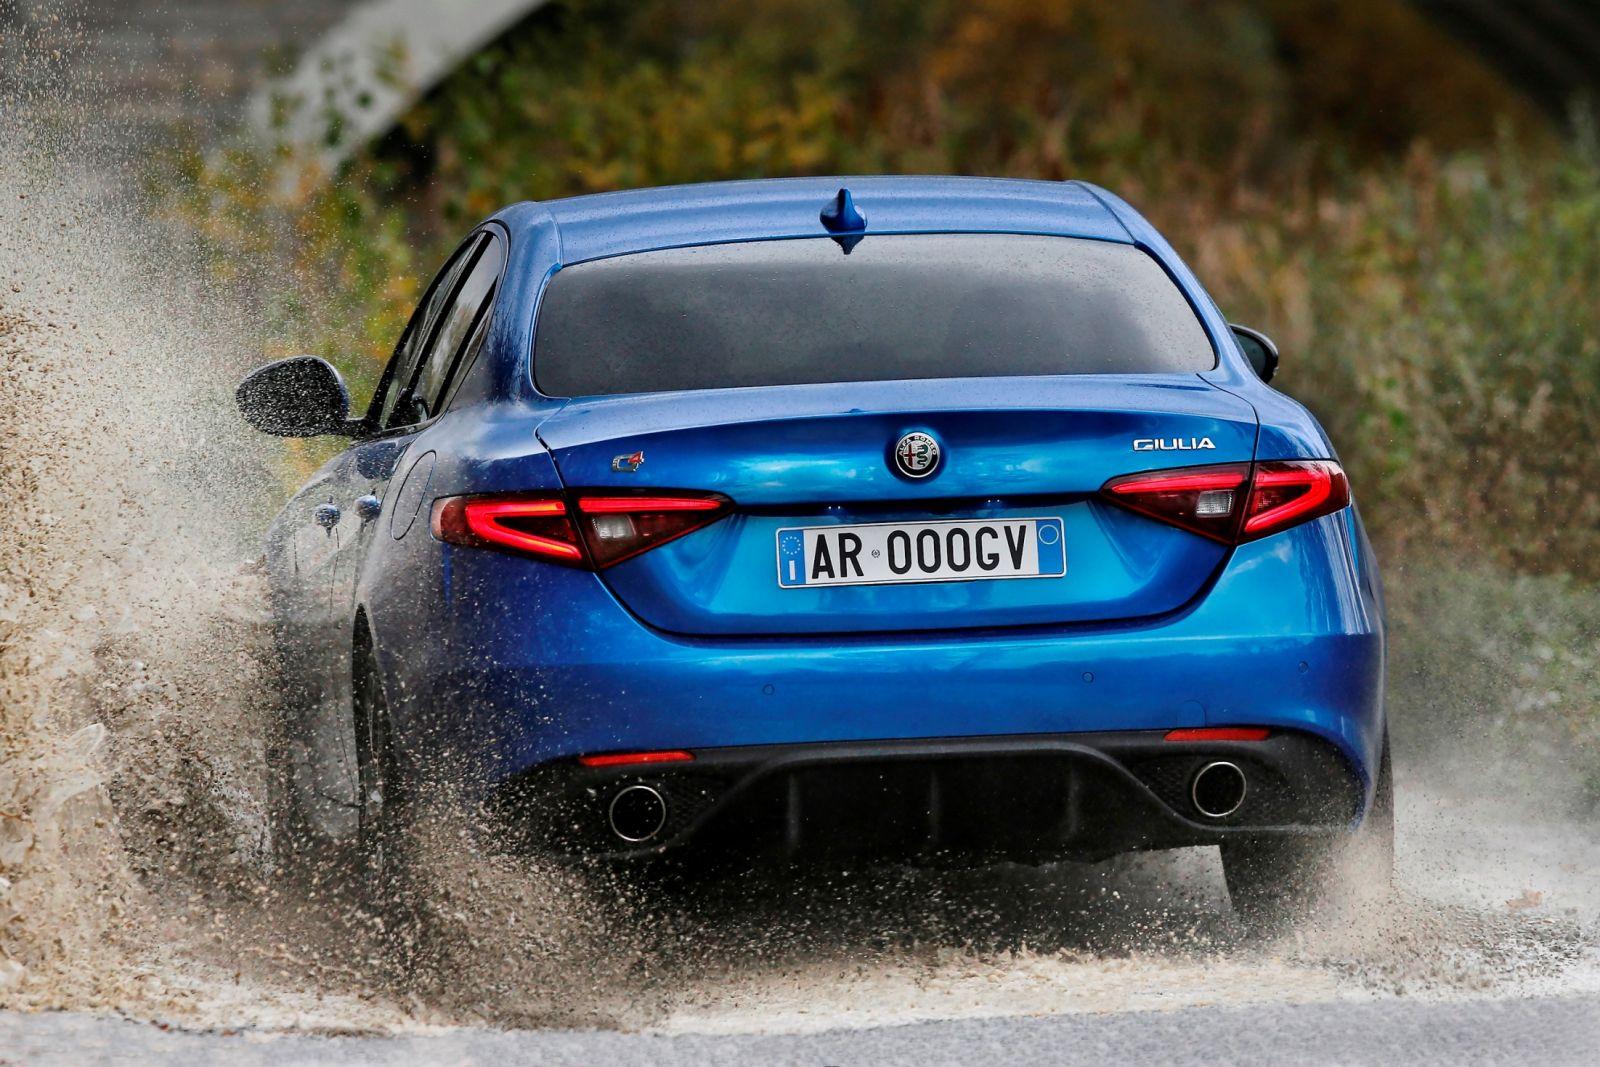 Q4 on action2B252822529 Δυο τετρακίνητες Alfa χορεύουν στον πάγο! Alfa, alfa romeo, Alfa Romeo Giulia, Alfa Romeo Giulia QV, Alfa Romeo Q4, Alfa Romeo Stelvio, drift, video, videos